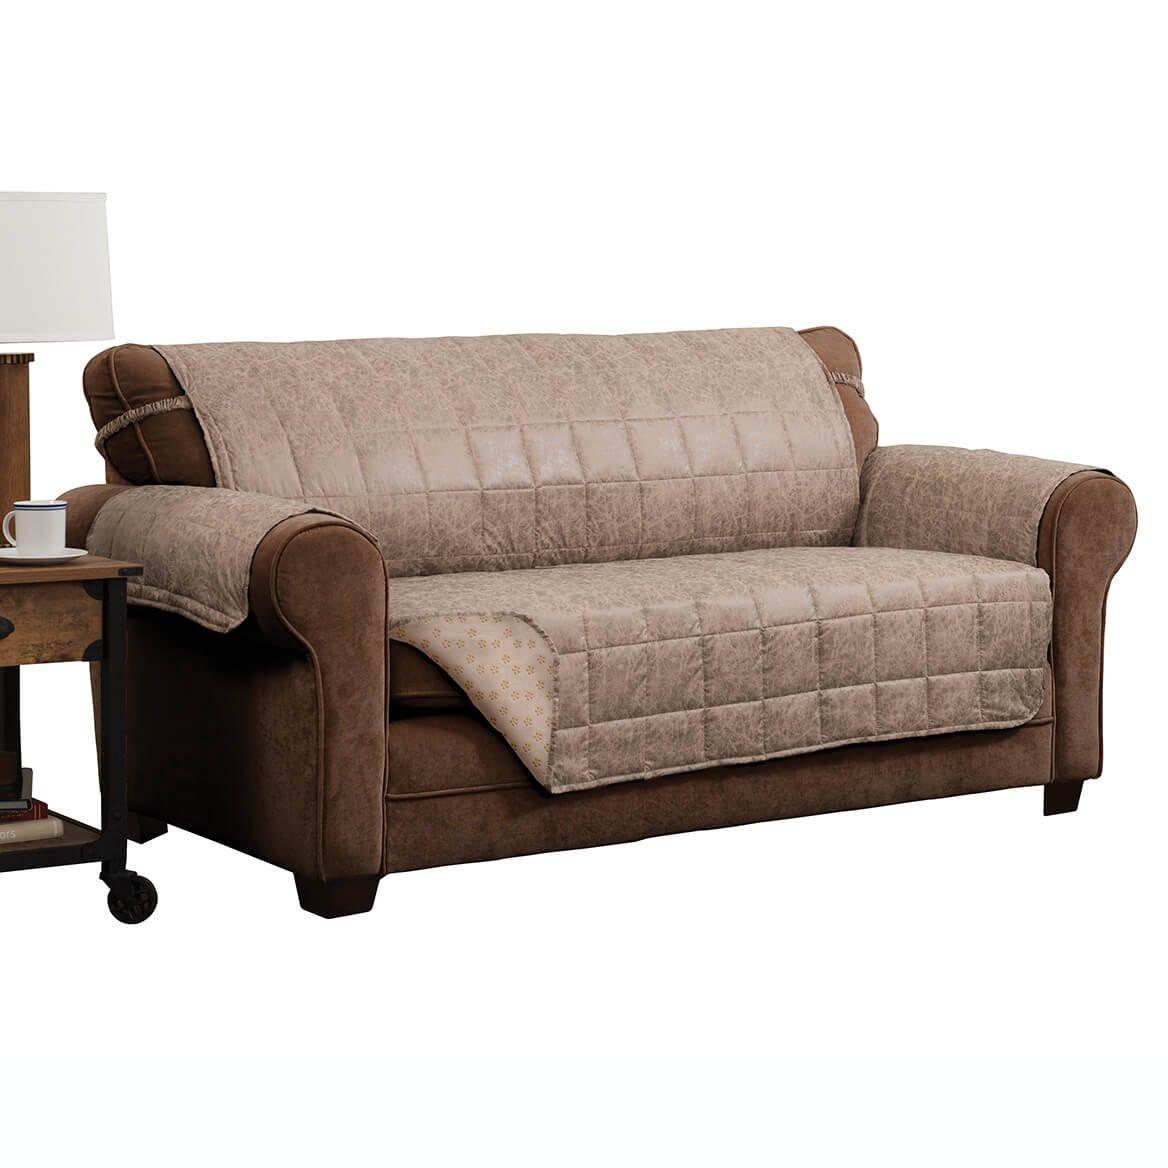 Amazon.com: Miles Kimball Brentwood XL Sofa Protector: Home ...